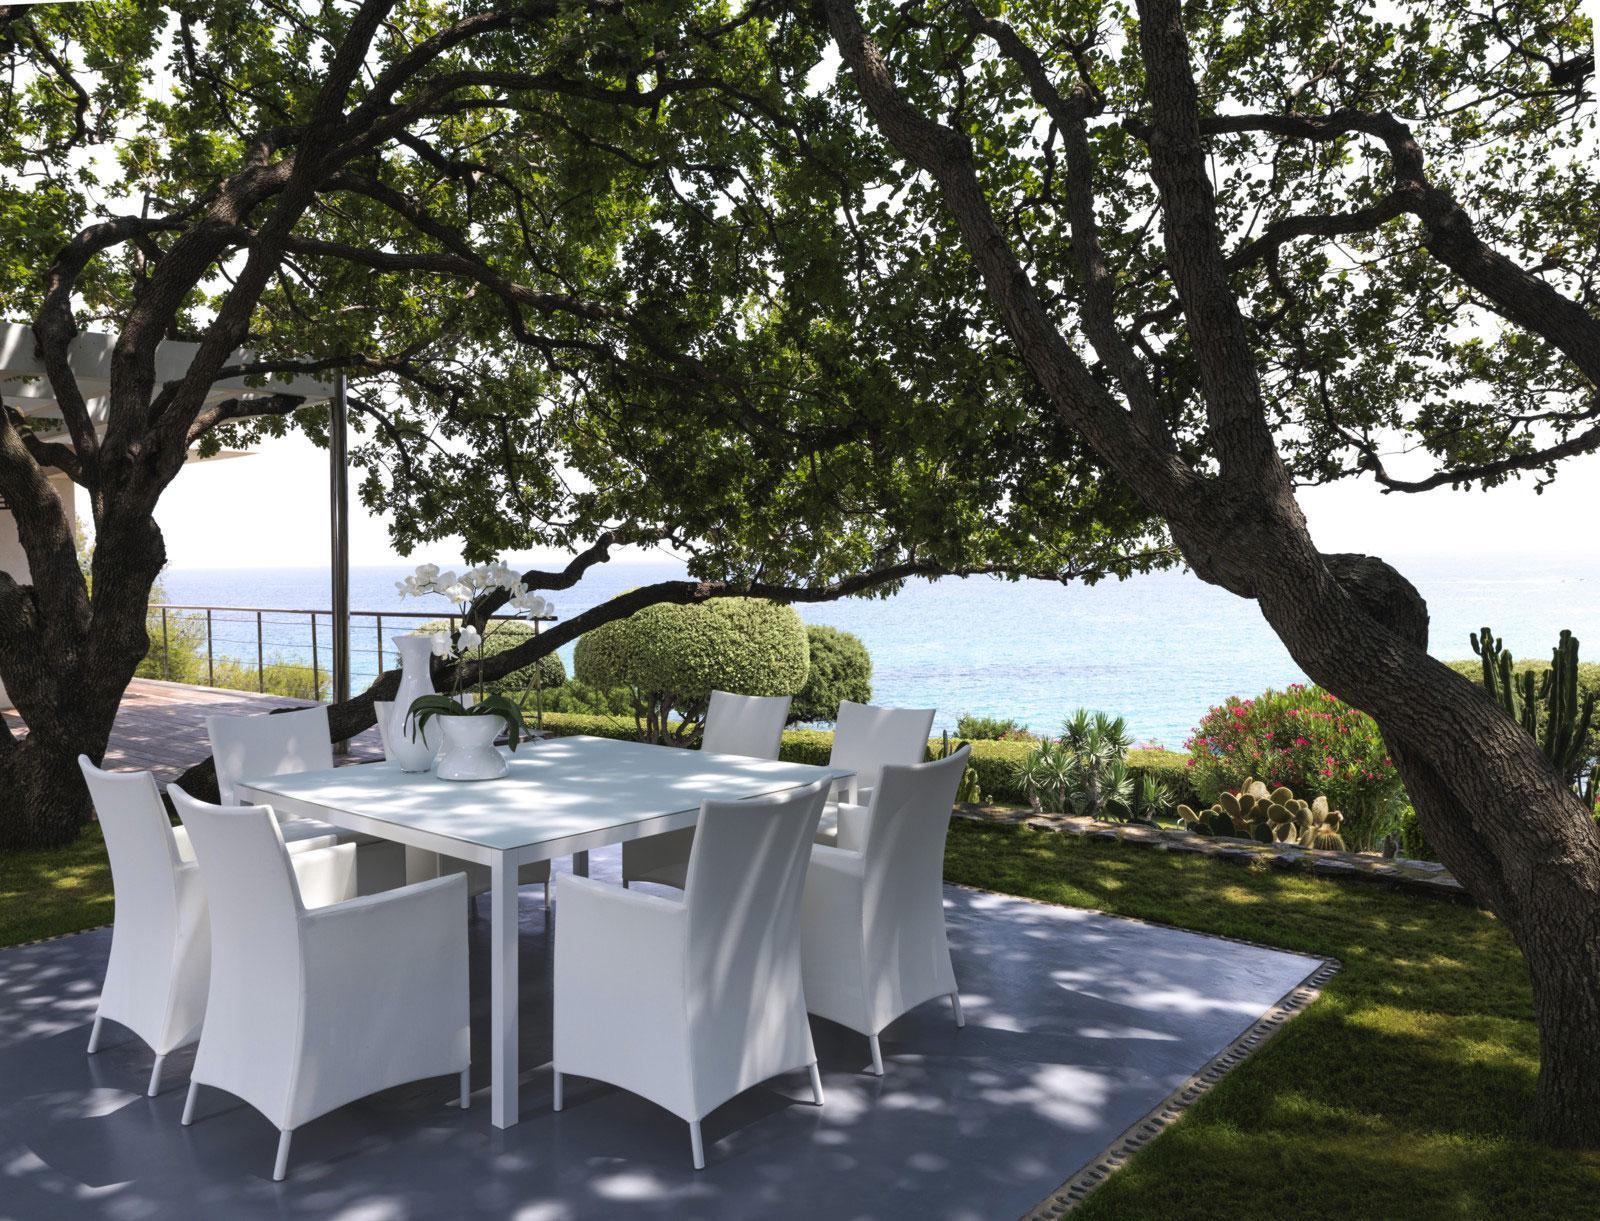 Table de jardin carr e en aluminium vente en ligne - Table carree exterieur aluminium ...